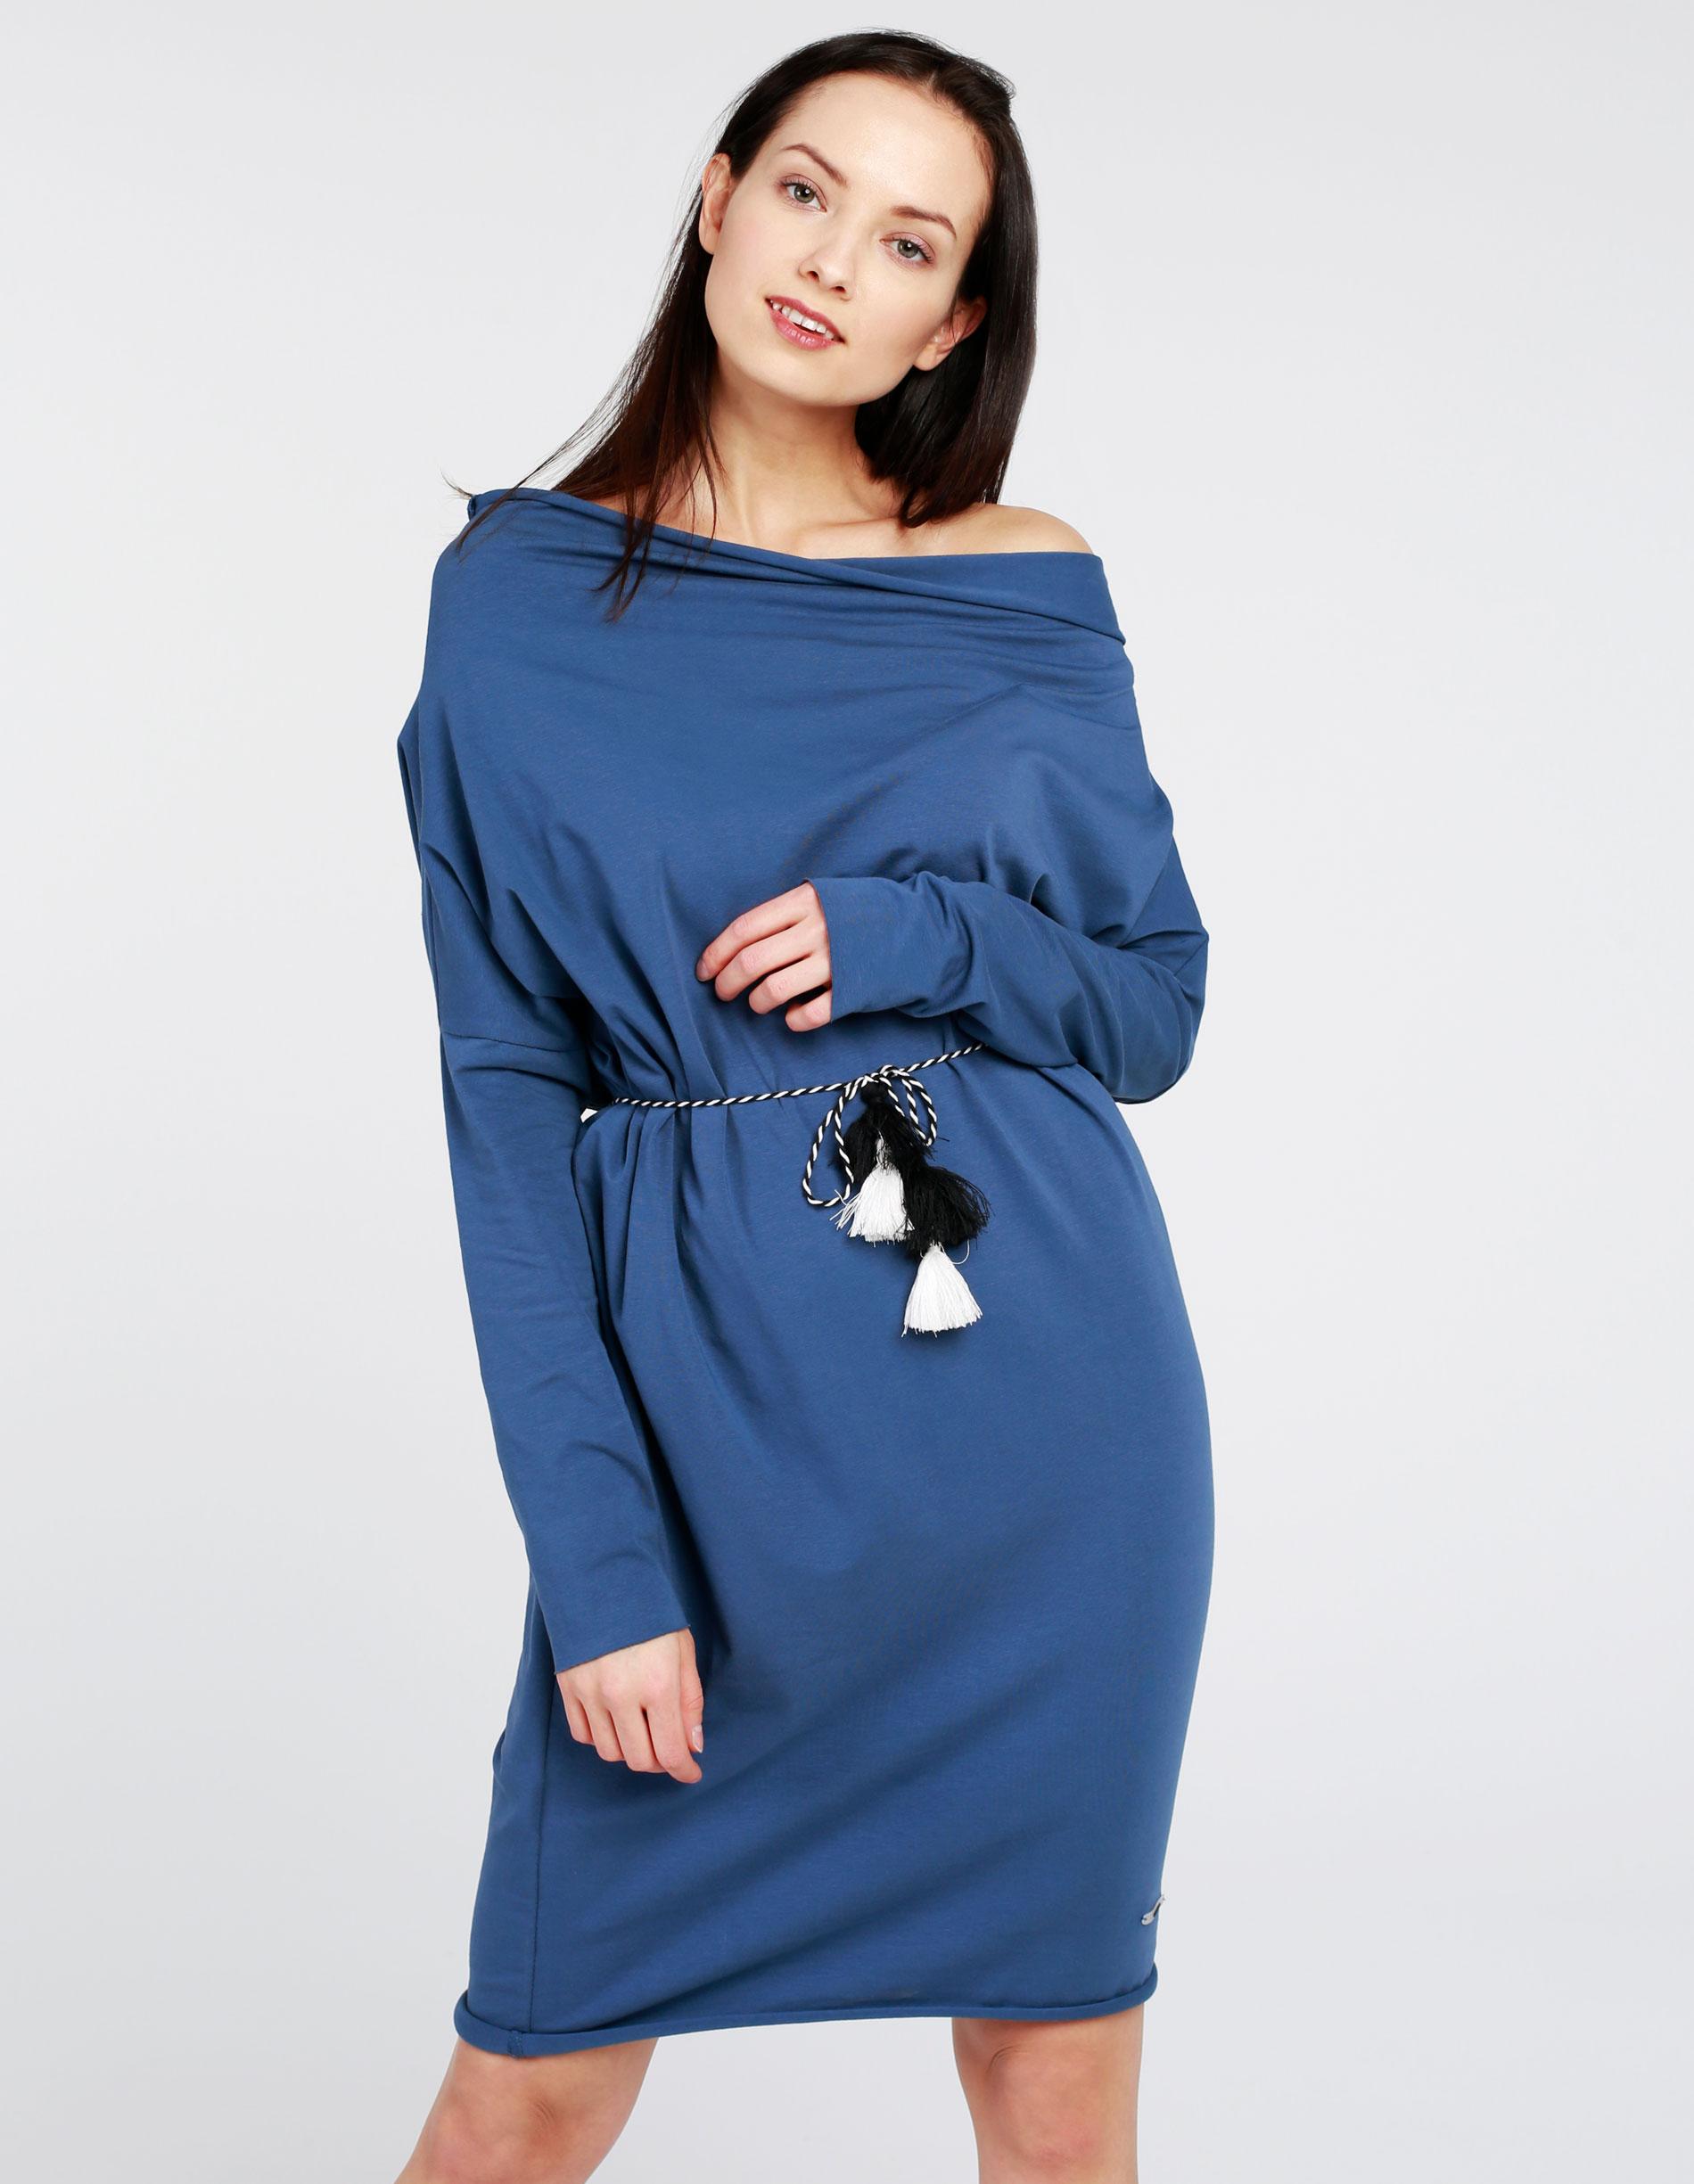 Sukienka - 30-84406C LAV - Unisono